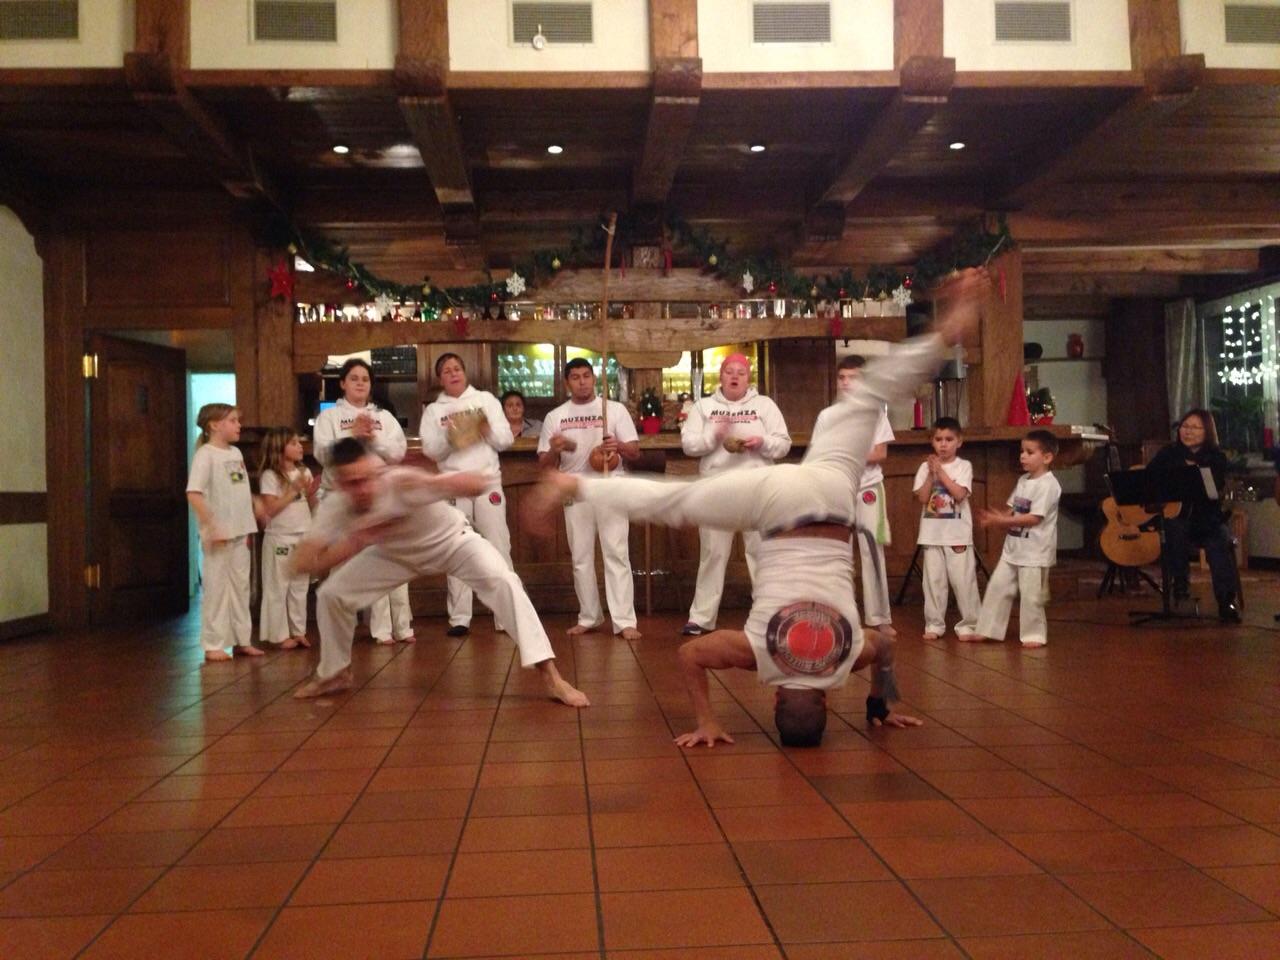 Capoeira Auftritt bei einer Weihnachtsfeier